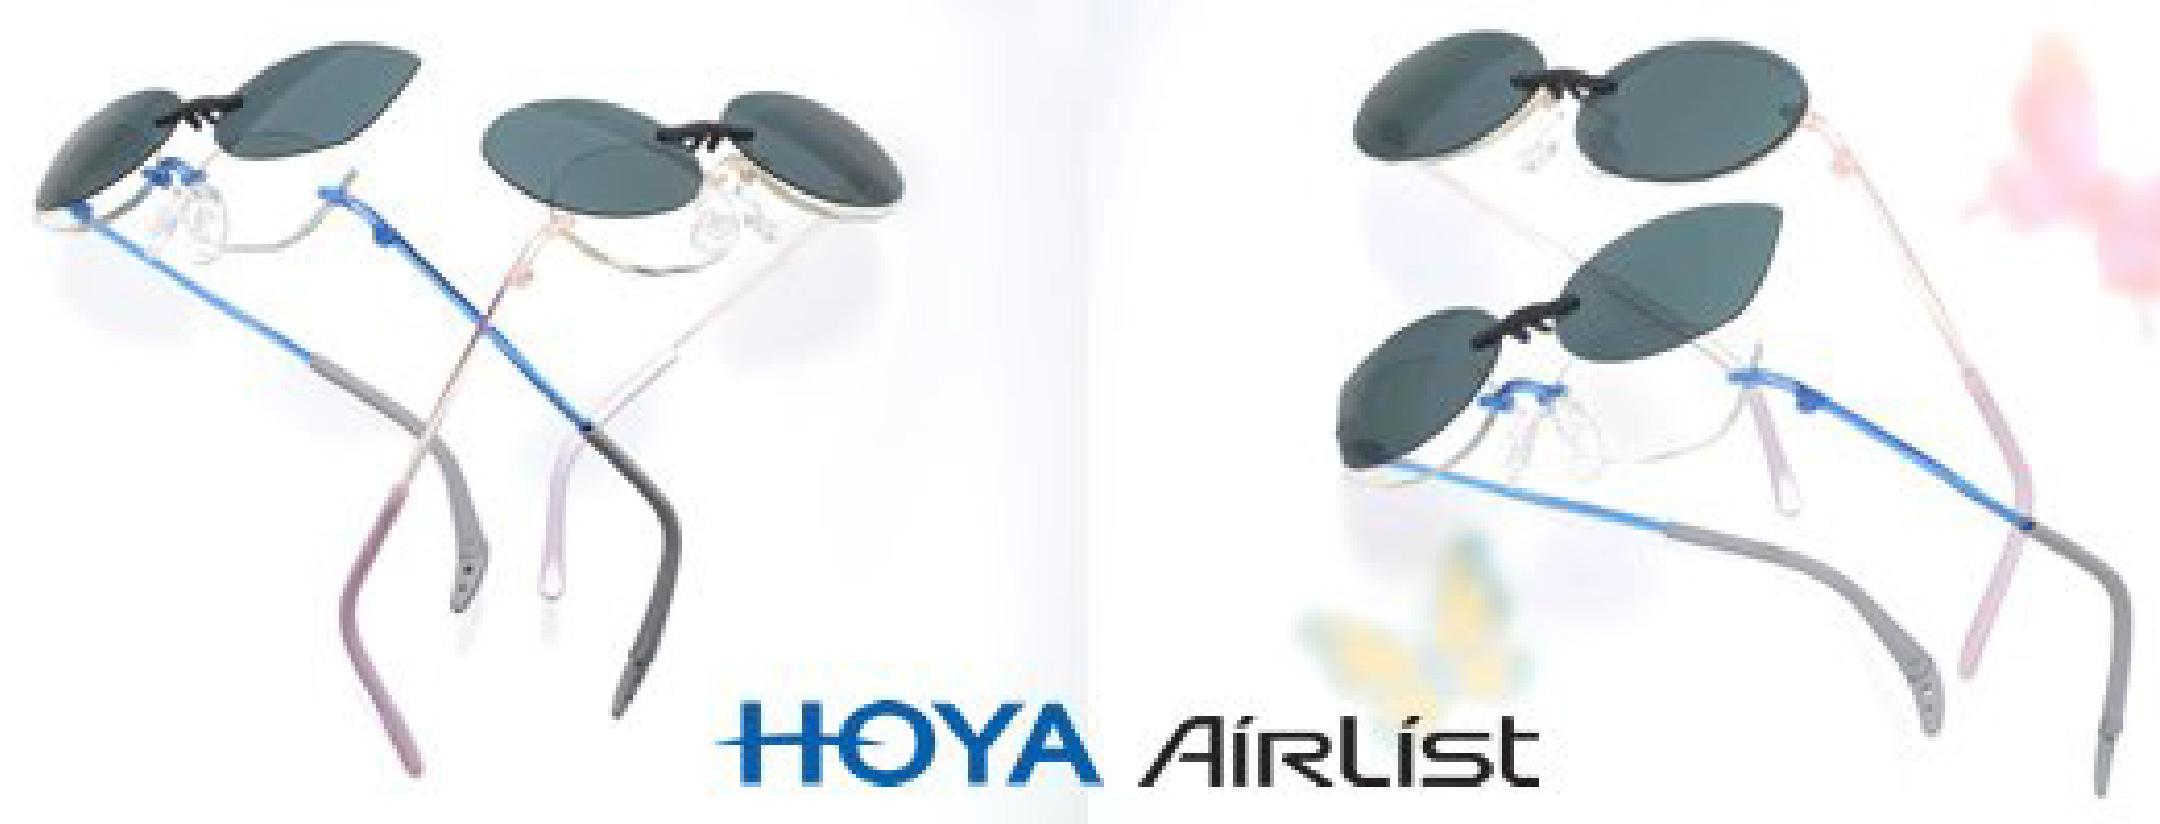 HOYA AIRLIST修理